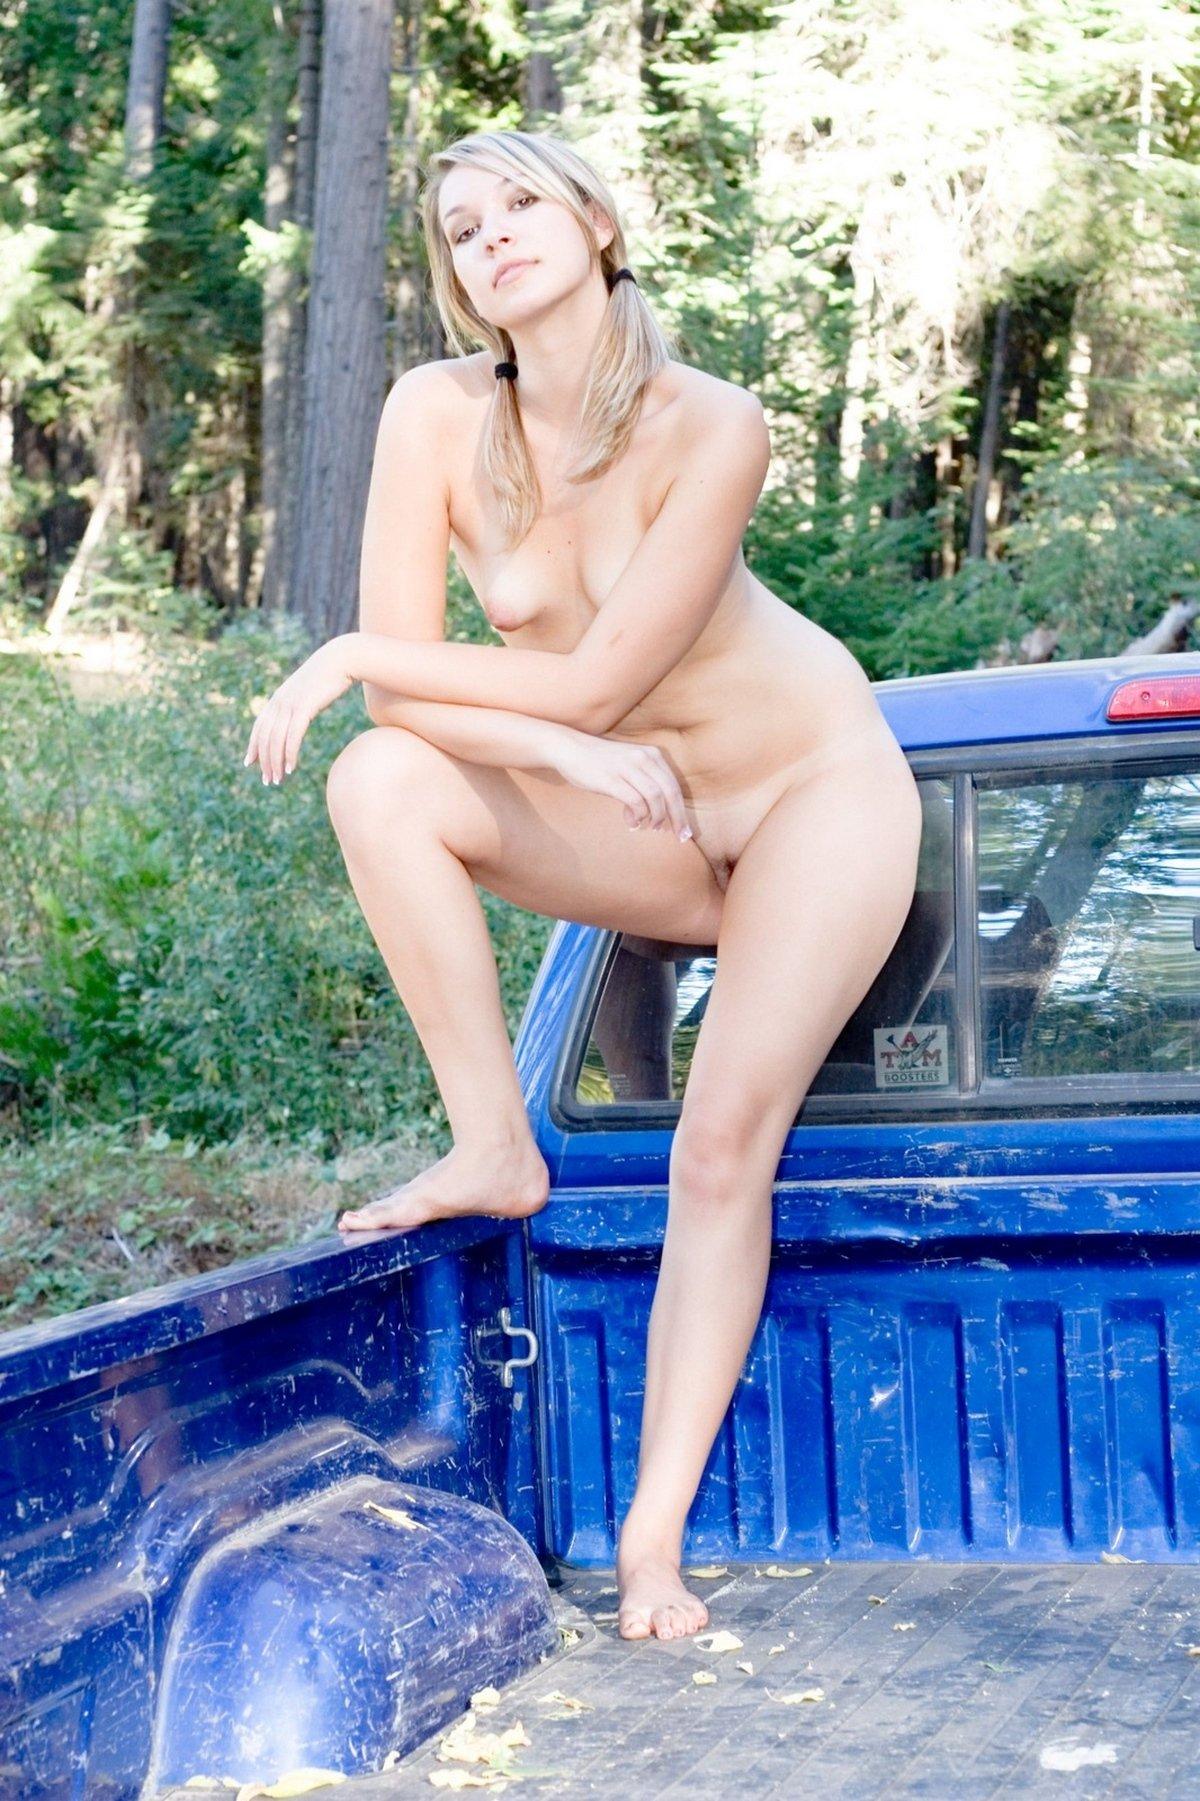 Светловолосая девушка с крохотными сиськами голая в укромном месте